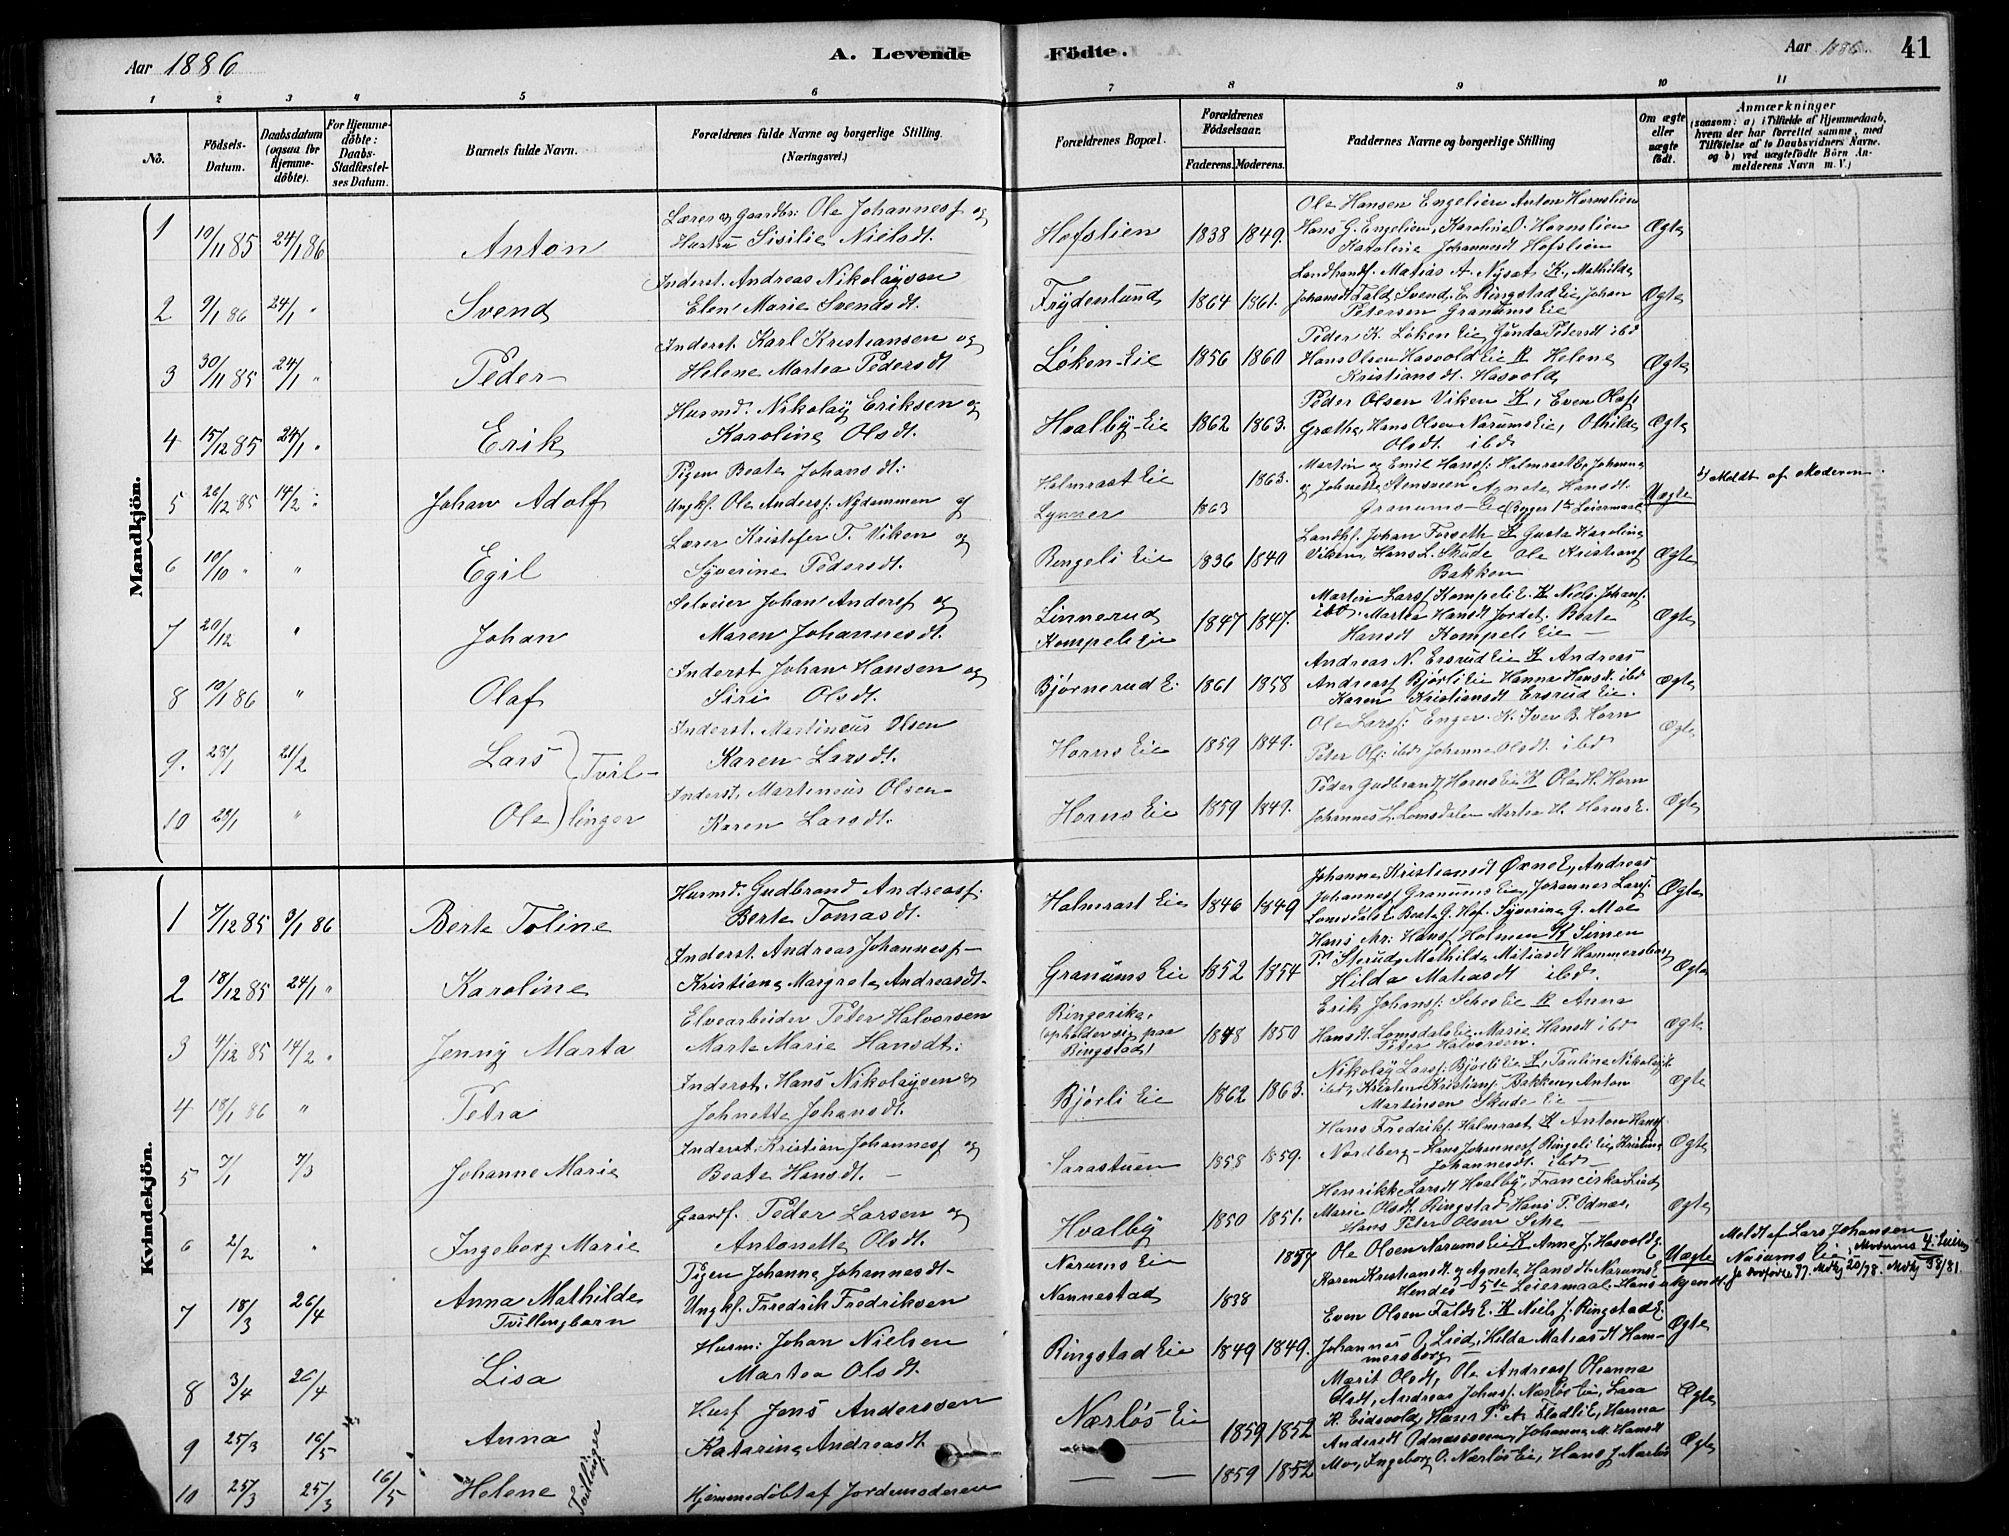 SAH, Søndre Land prestekontor, K/L0003: Ministerialbok nr. 3, 1878-1894, s. 41